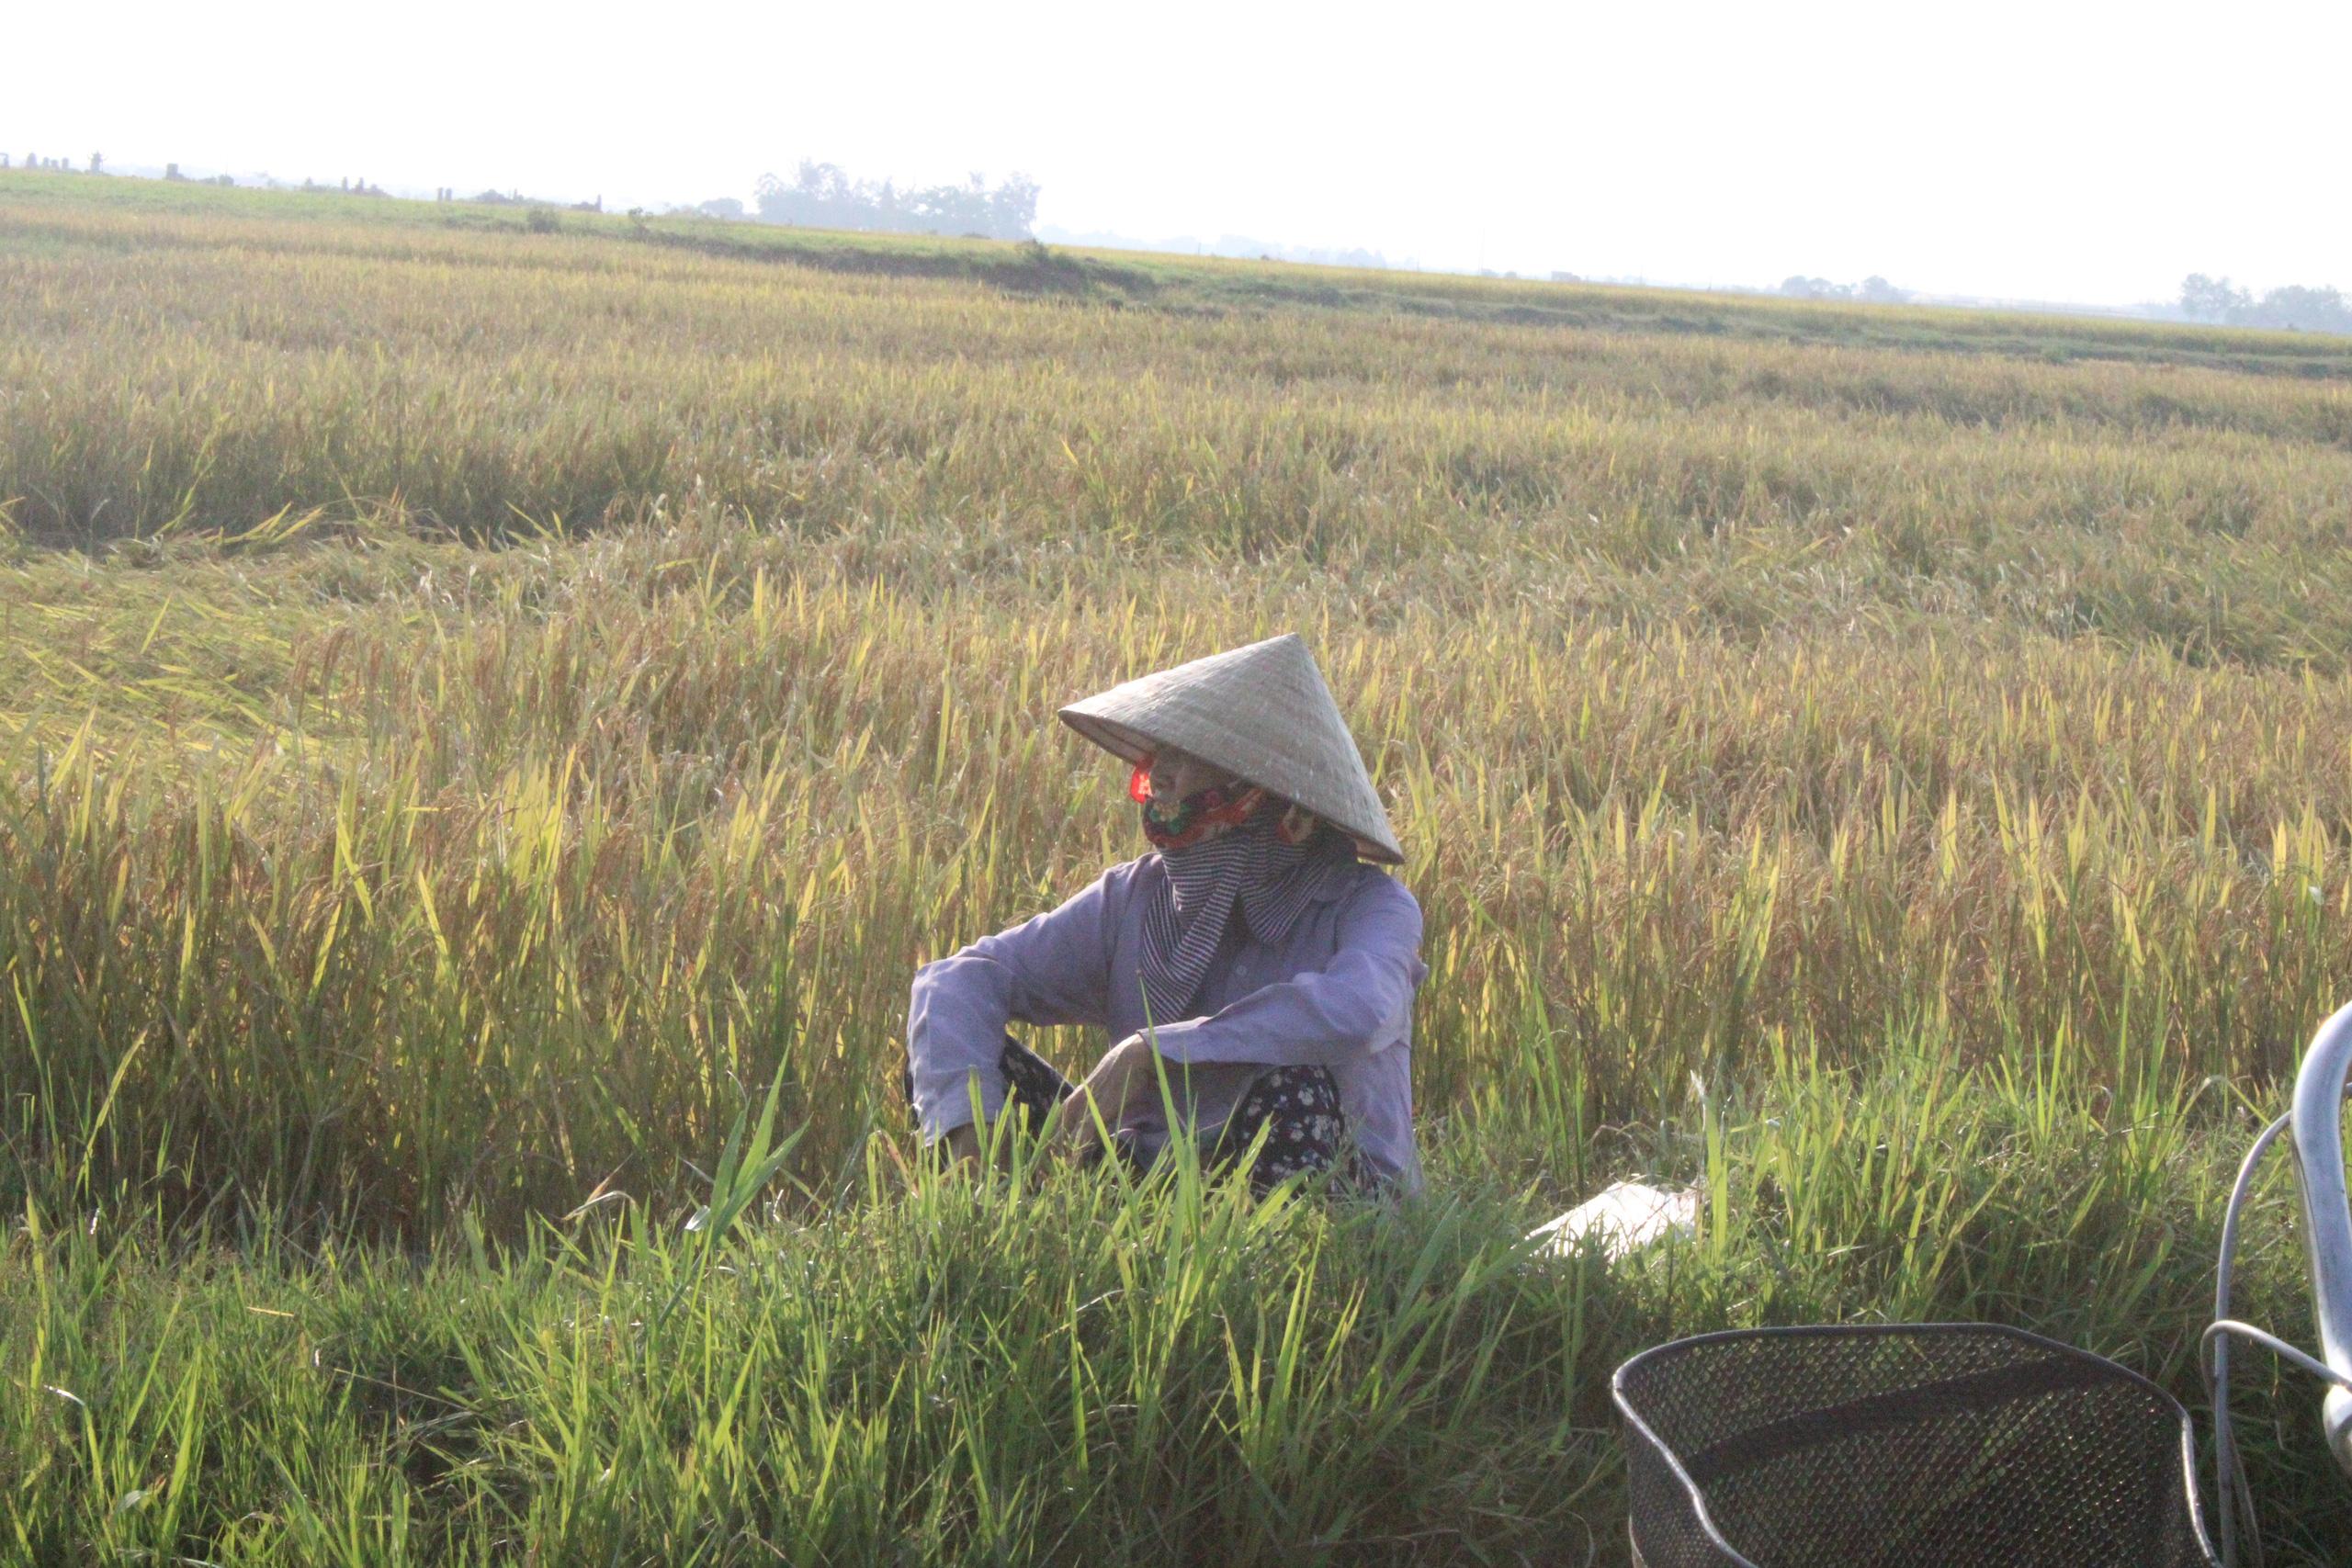 Hà Tĩnh: Lúa chín rộ, nông dân đỏ mắt tìm máy gặt - Ảnh 4.